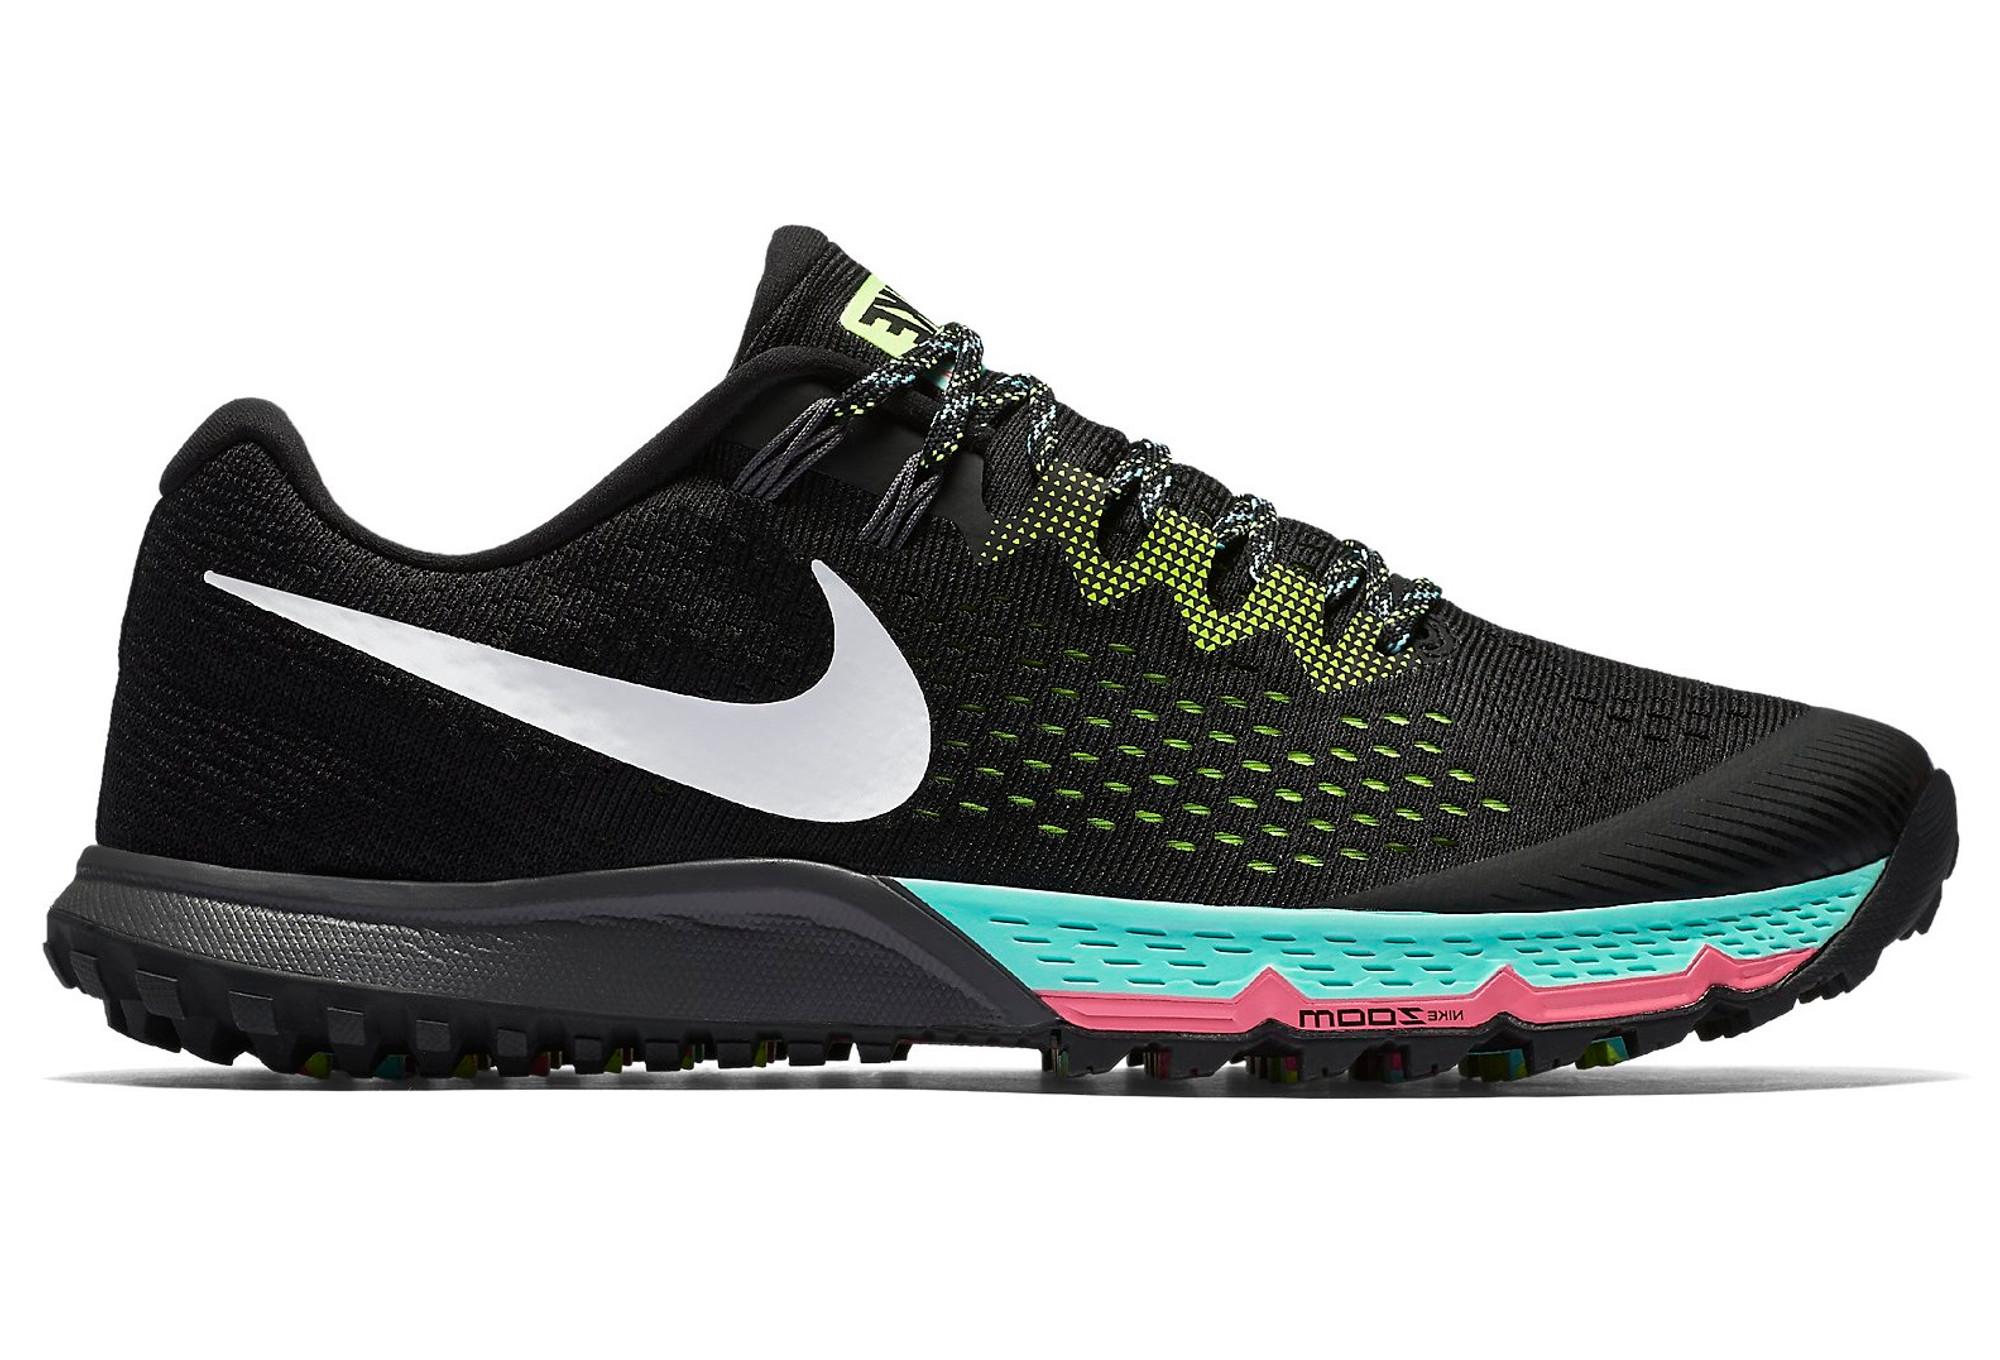 size 40 0c7a6 1e890 Chaussures de Trail Femme Nike Zoom Terra Kiger 4 Noir   Multi-couleur